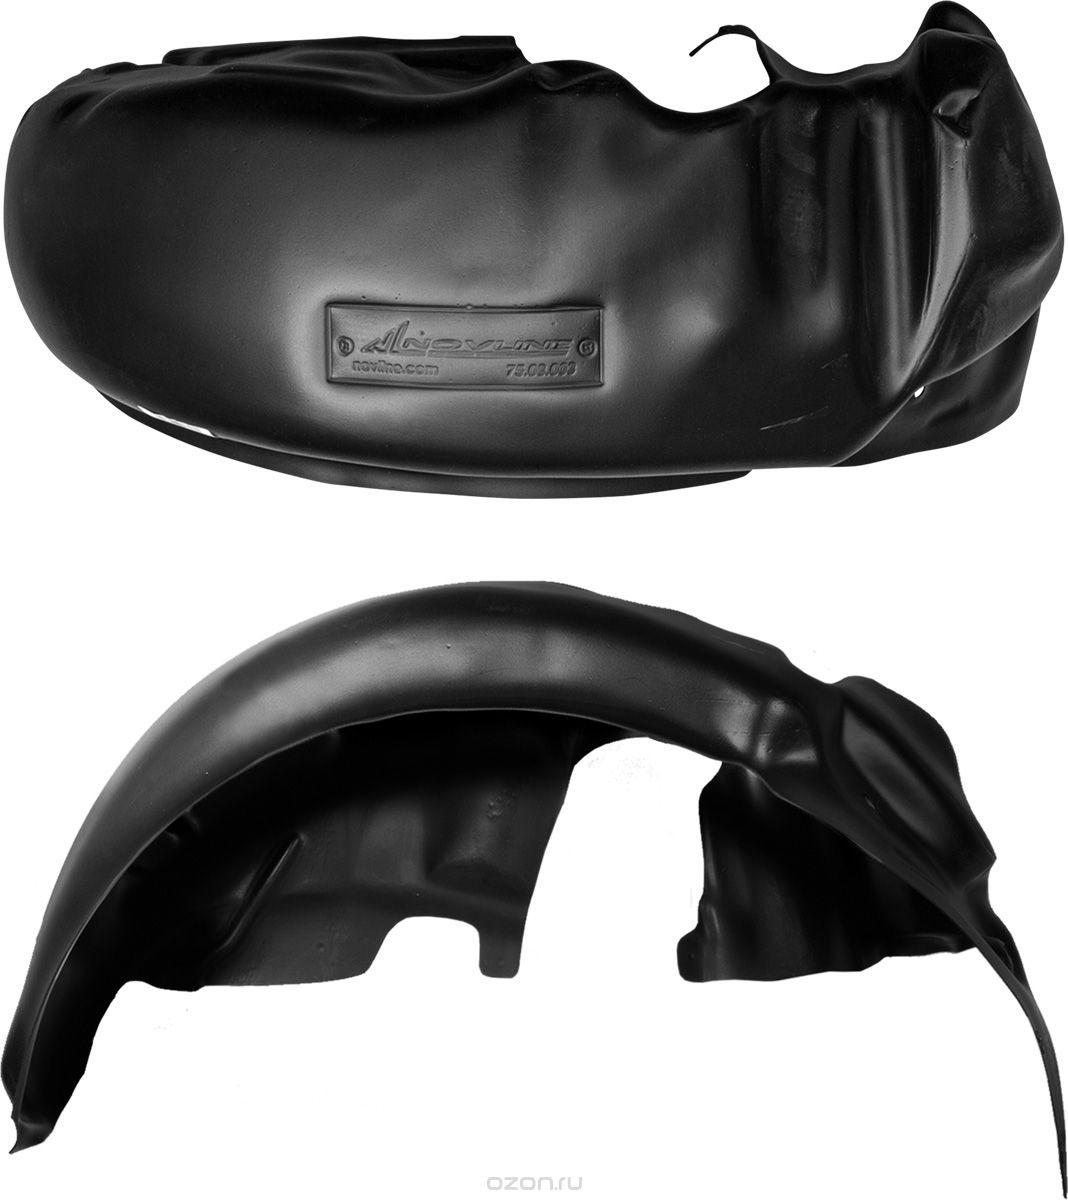 Подкрылок Novline-Autofamily, для TOYOTA Yaris 01/2006-2013, передний правыйNLL.48.10.002Идеальная защита колесной ниши. Локеры разработаны с применением цифровых технологий, гарантируют максимальную повторяемость поверхности арки. Изделия устанавливаются без нарушения лакокрасочного покрытия автомобиля, каждый подкрылок комплектуется крепежом. Уважаемые клиенты, обращаем ваше внимание, что фотографии на подкрылки универсальные и не отражают реальную форму изделия. При этом само изделие идет точно под размер указанного автомобиля.